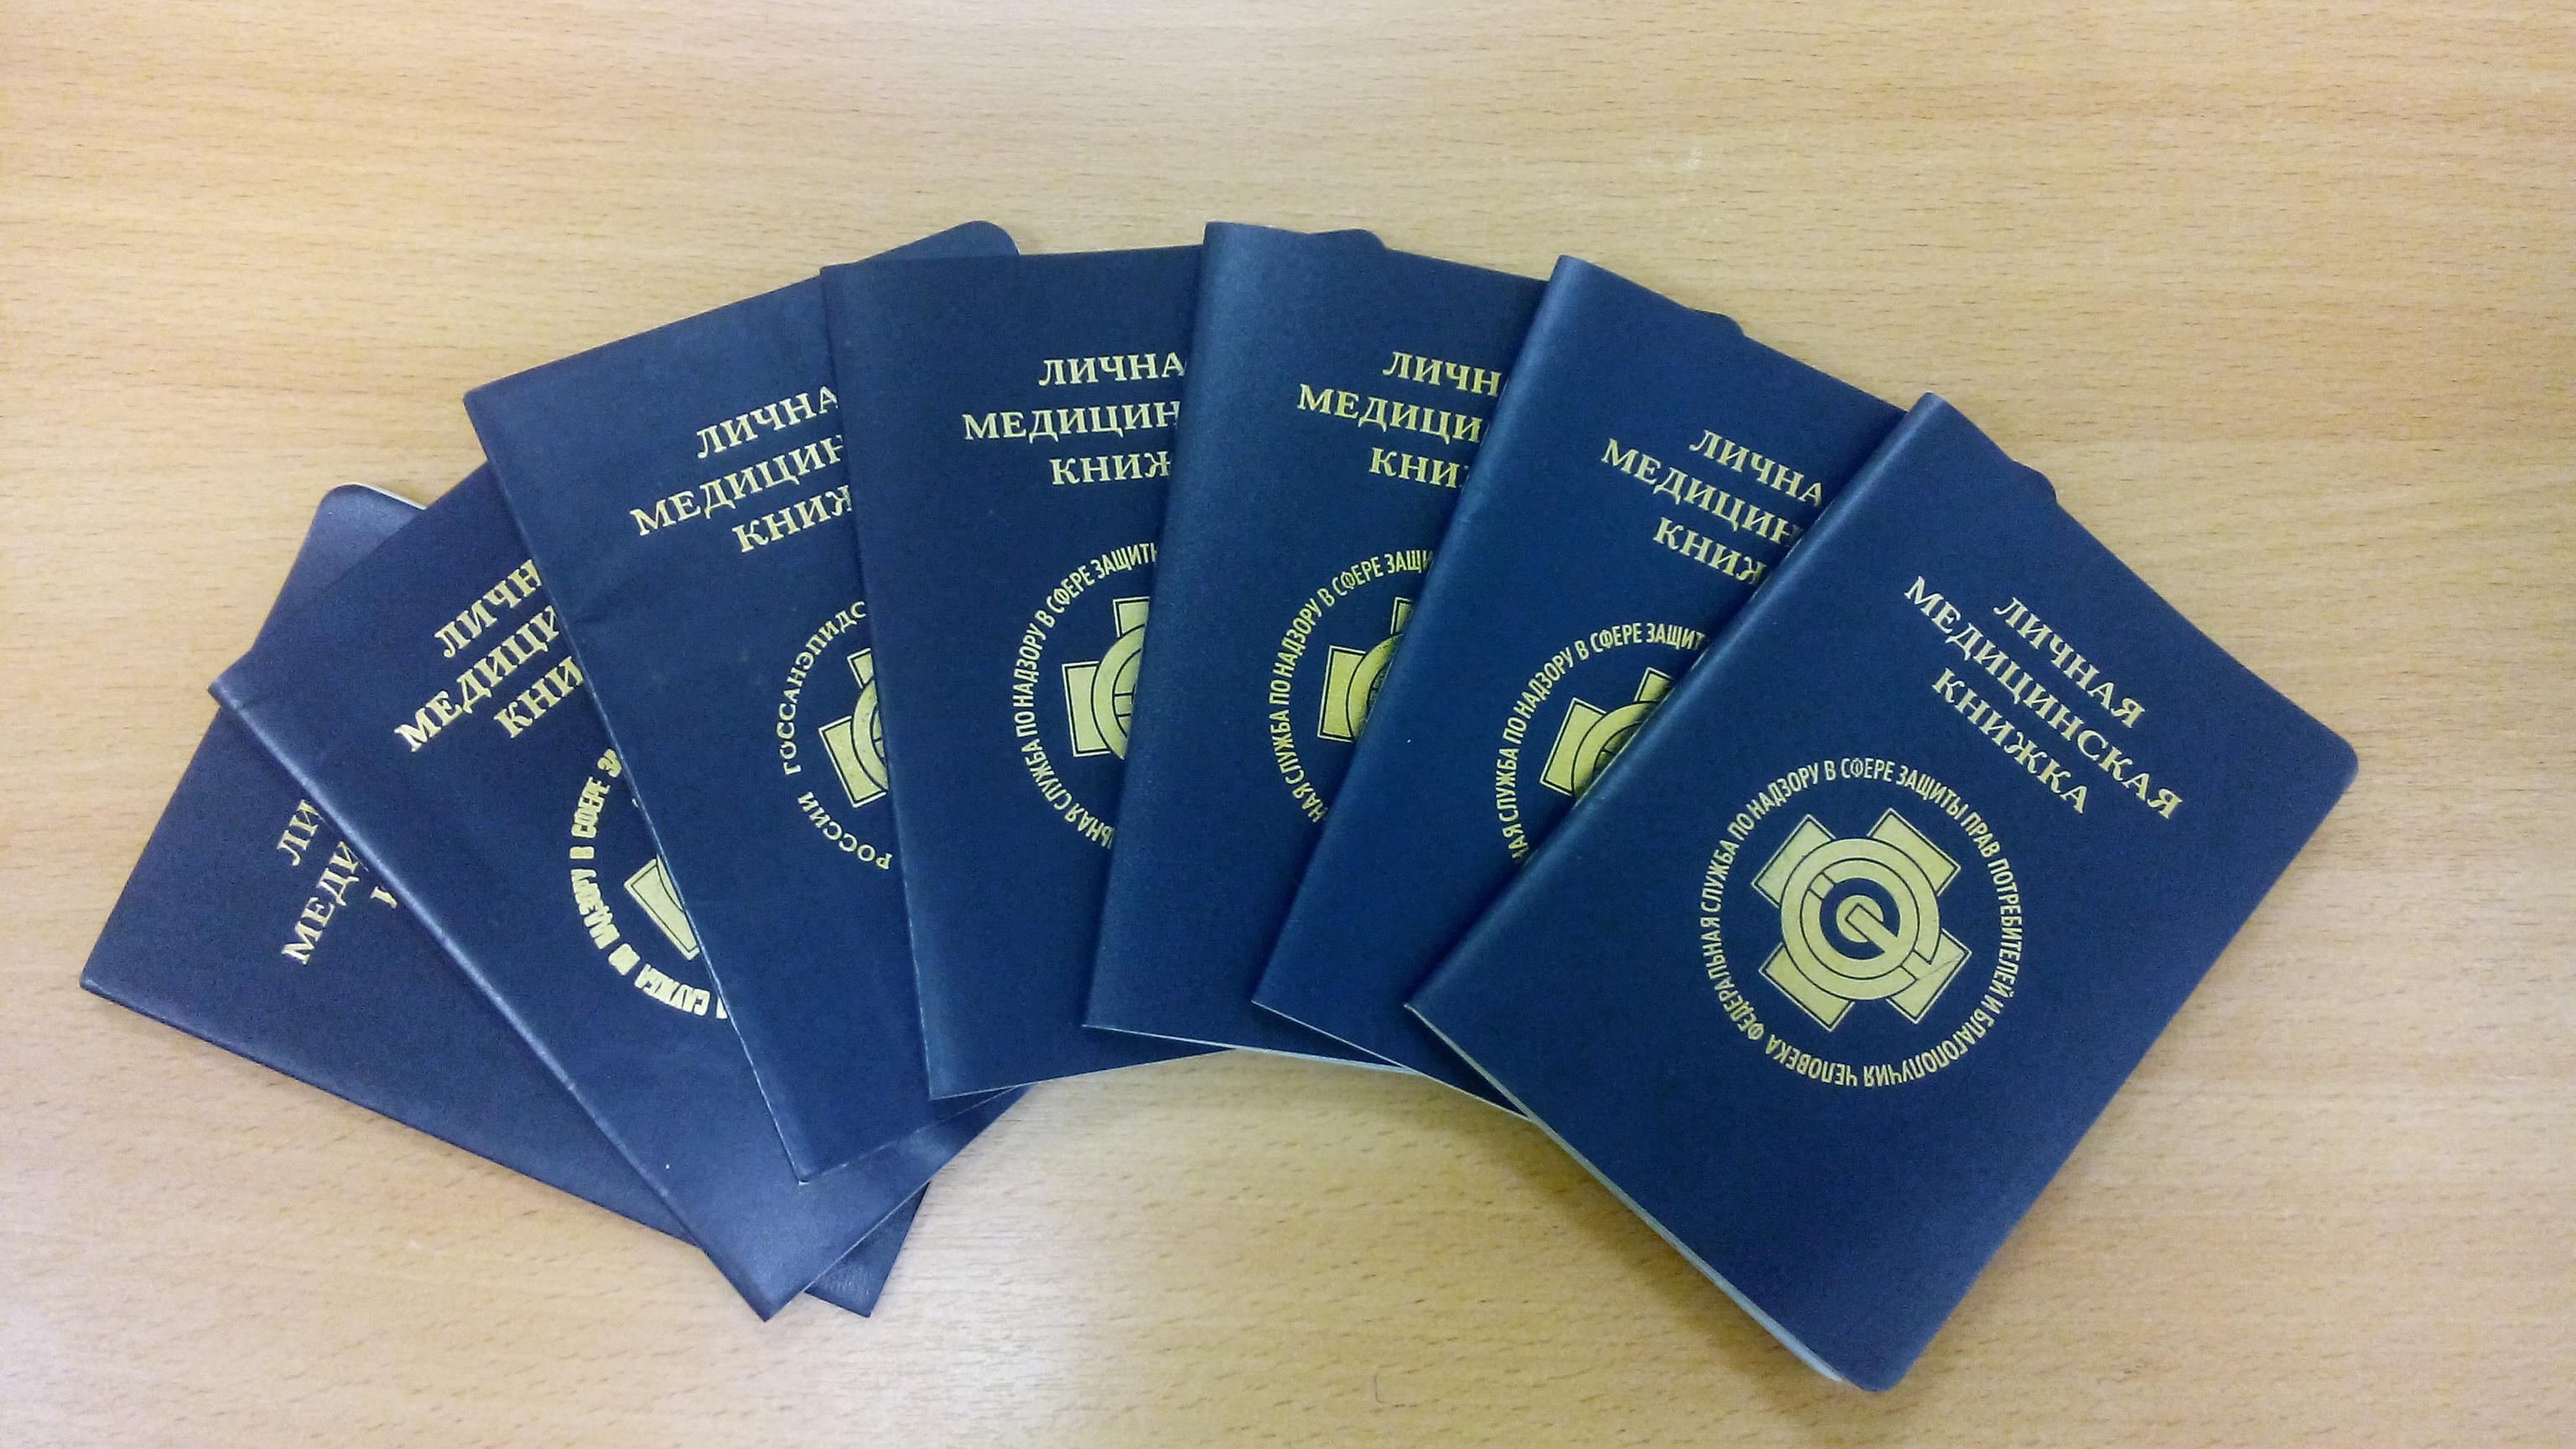 Получить медицинскую книжку в Егорьевске быстро и недорого